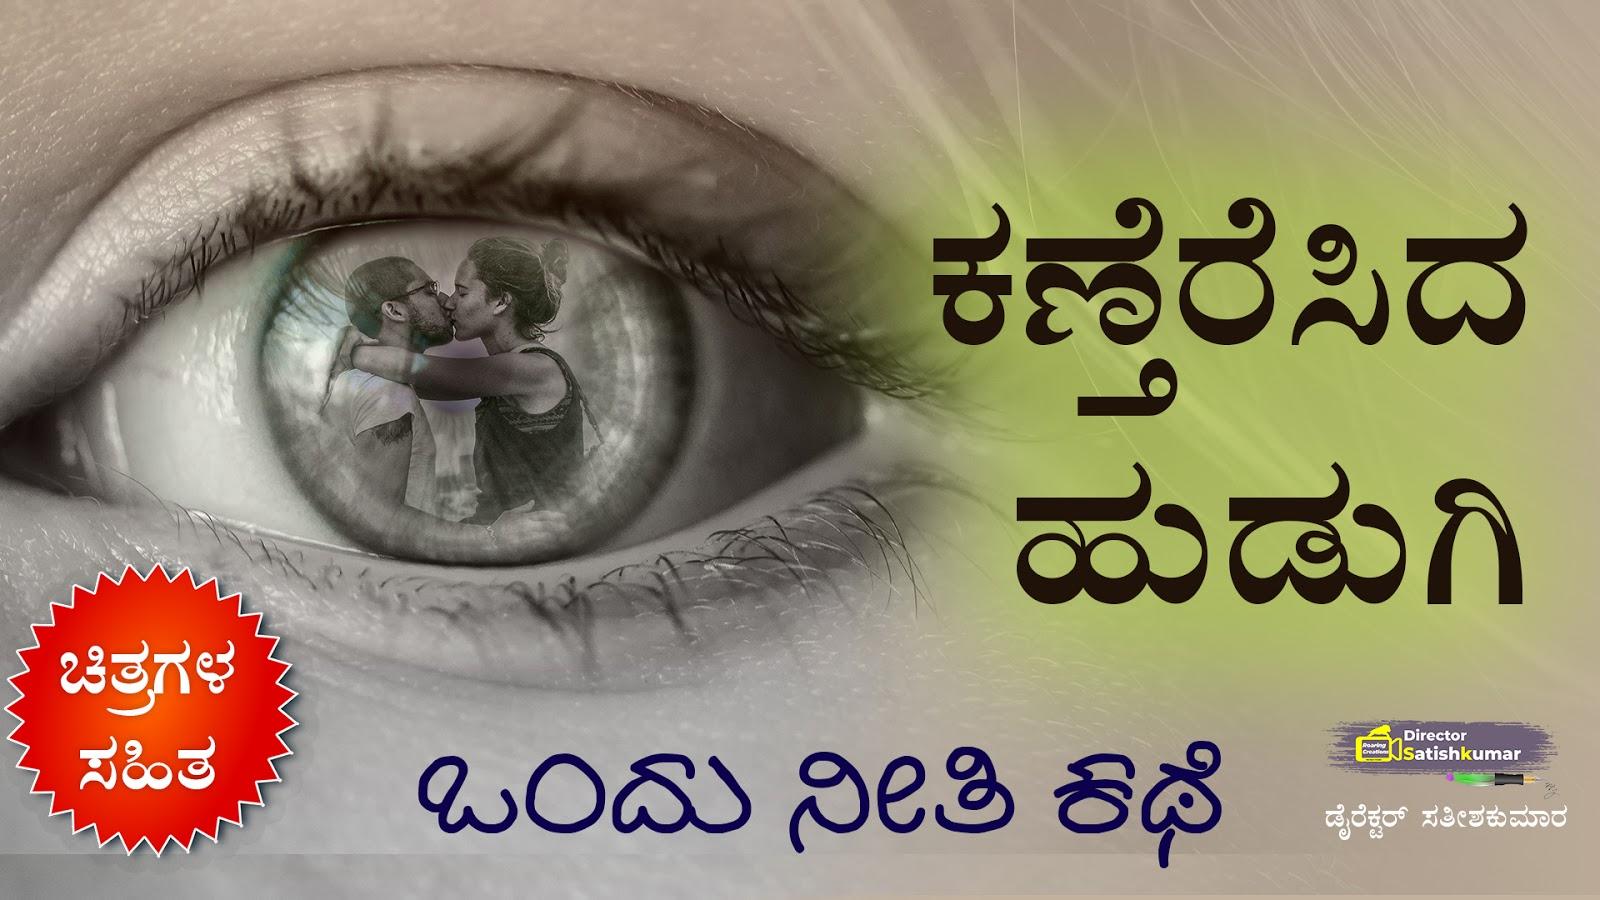 ಕಣ್ತೆರೆಸಿದ ಹುಡುಗಿ : ಒಂದು ನೀತಿ ಕಥೆ - Kannada Moral Life Changing Story - ಕನ್ನಡ ಕಥೆ ಪುಸ್ತಕಗಳು - Kannada Story Books -  E Books Kannada - Kannada Books